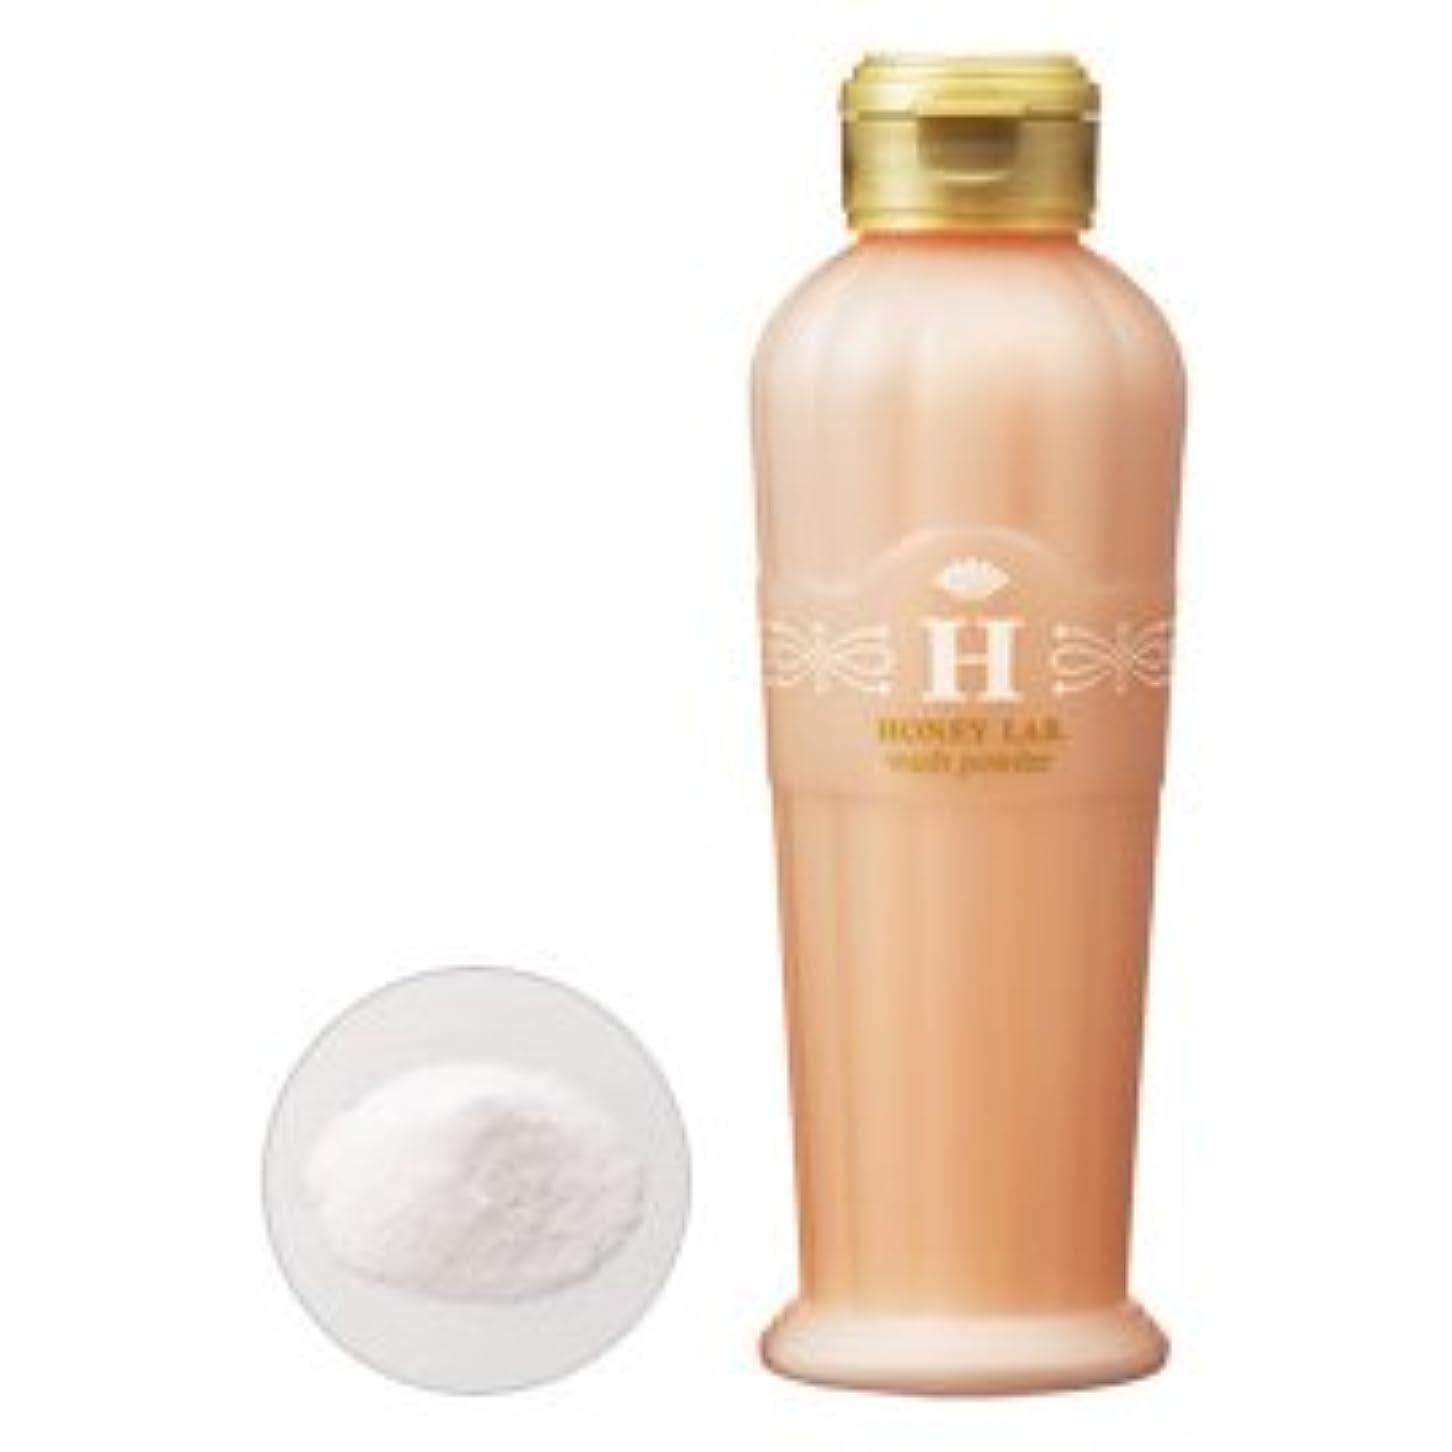 警告する浮くレッドデートハニーラボ 洗顔パウダー 粉末状洗顔料 60g/Honey lab Face Wash Powder <60g>